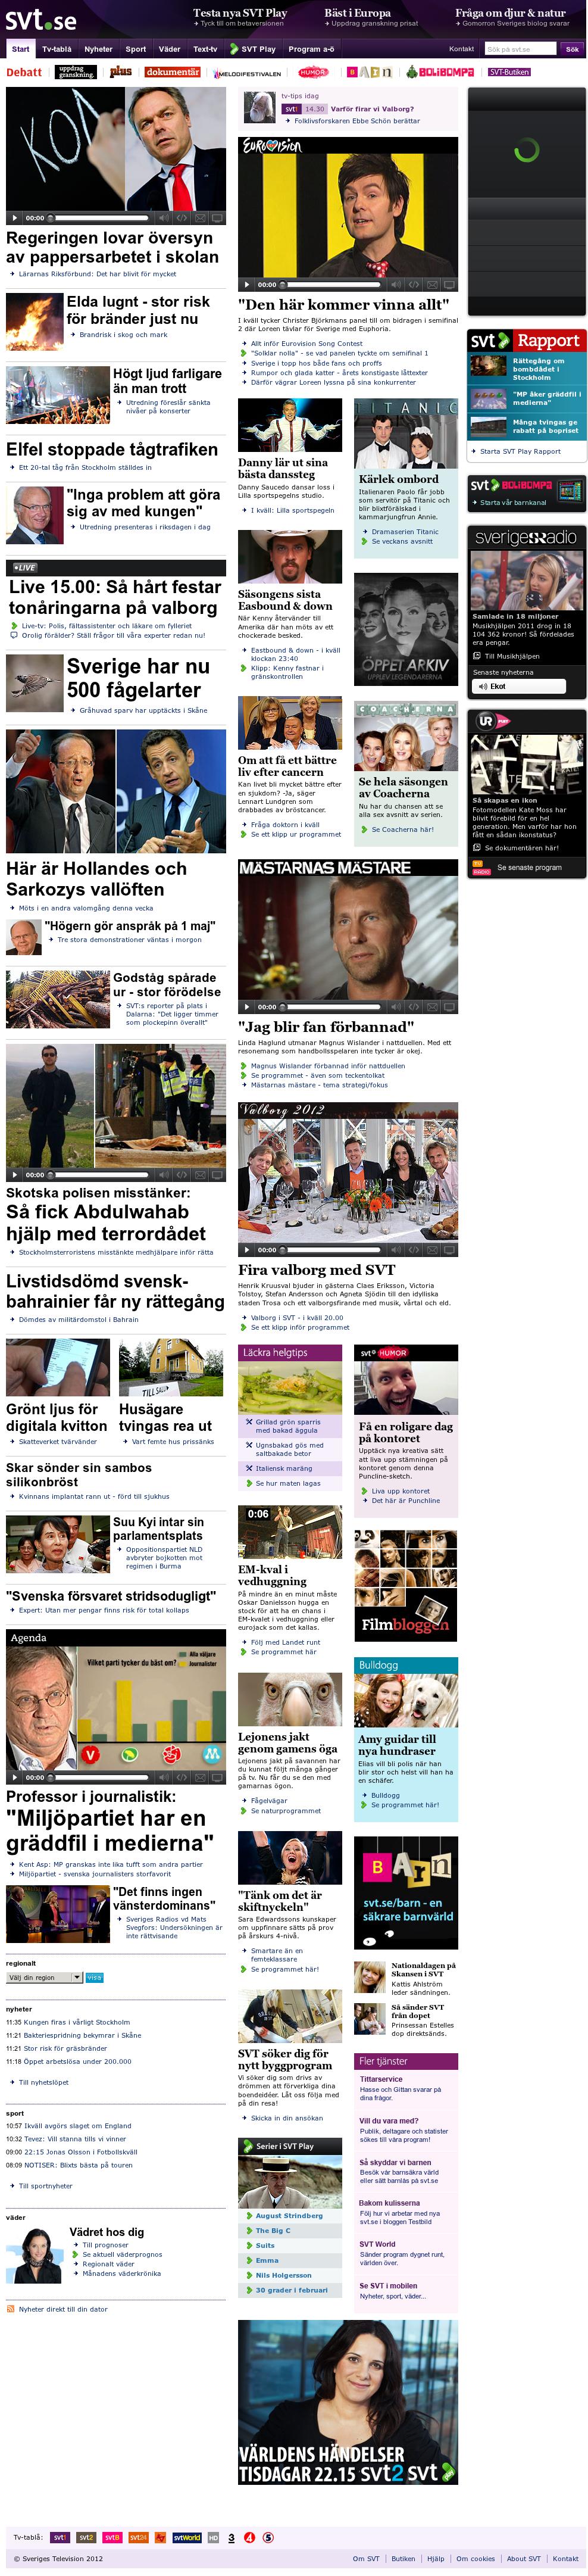 SVT at Monday April 30, 2012, 10:11 a.m. UTC